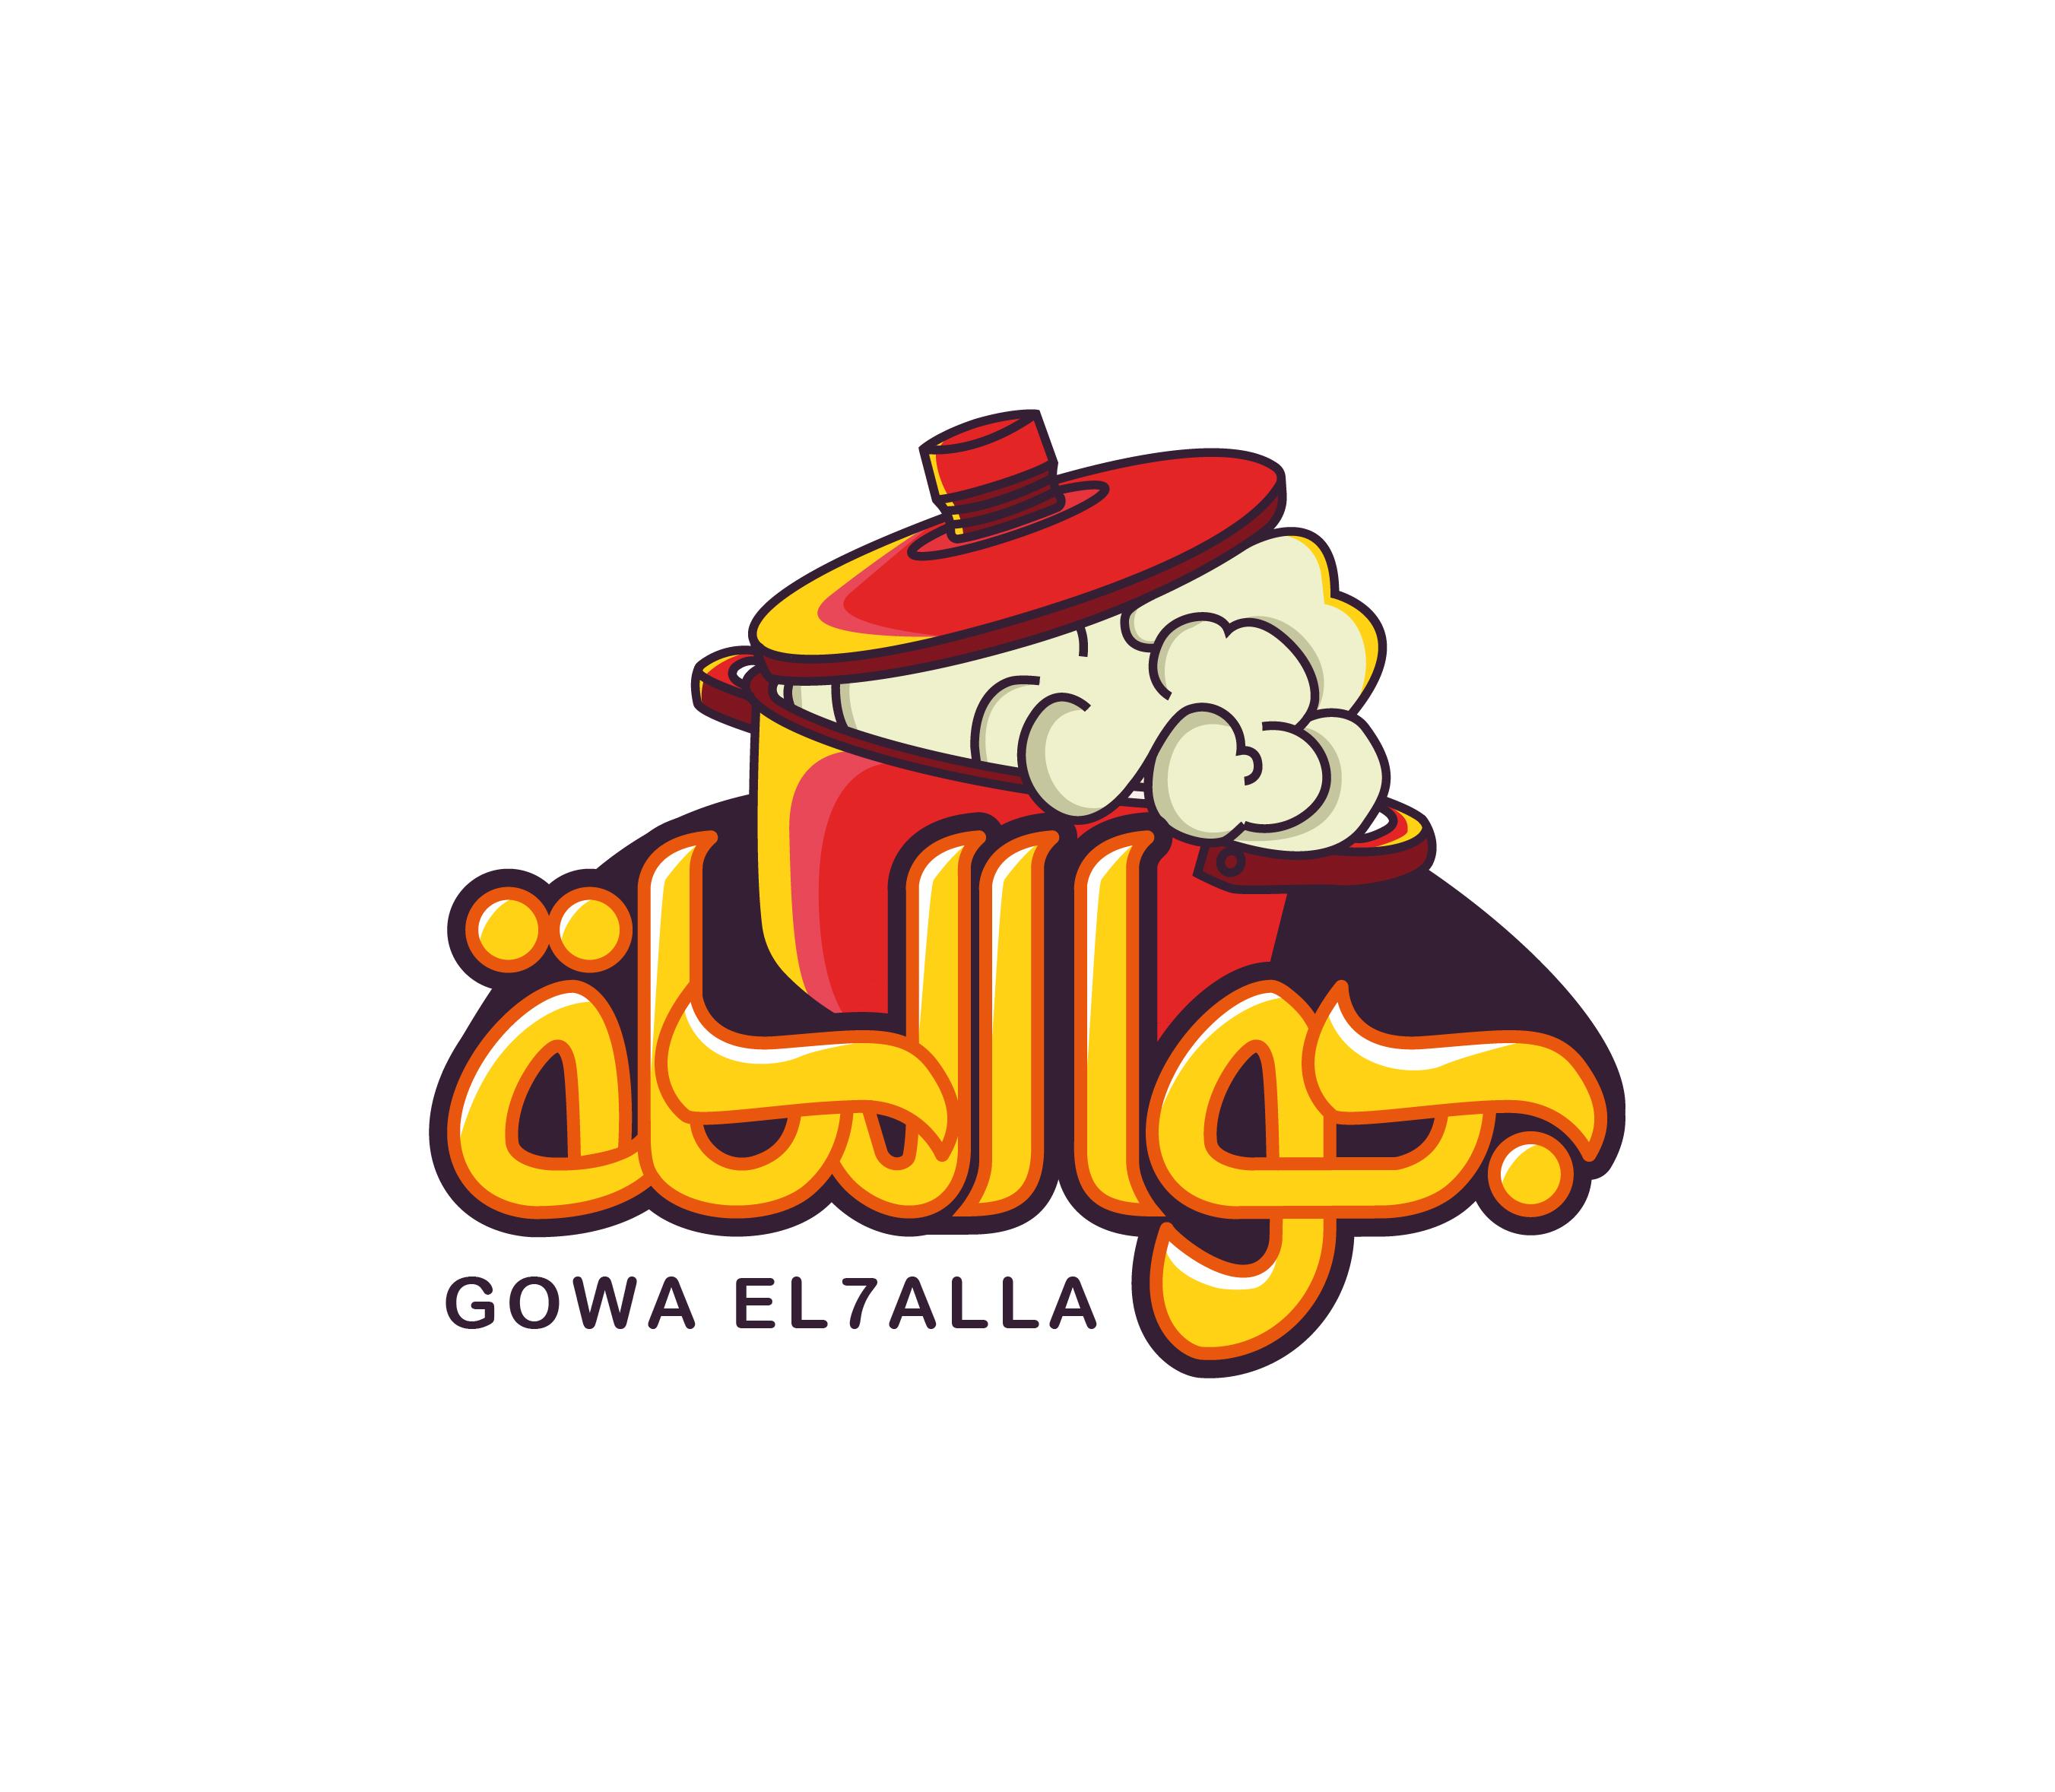 Gowa El Halla